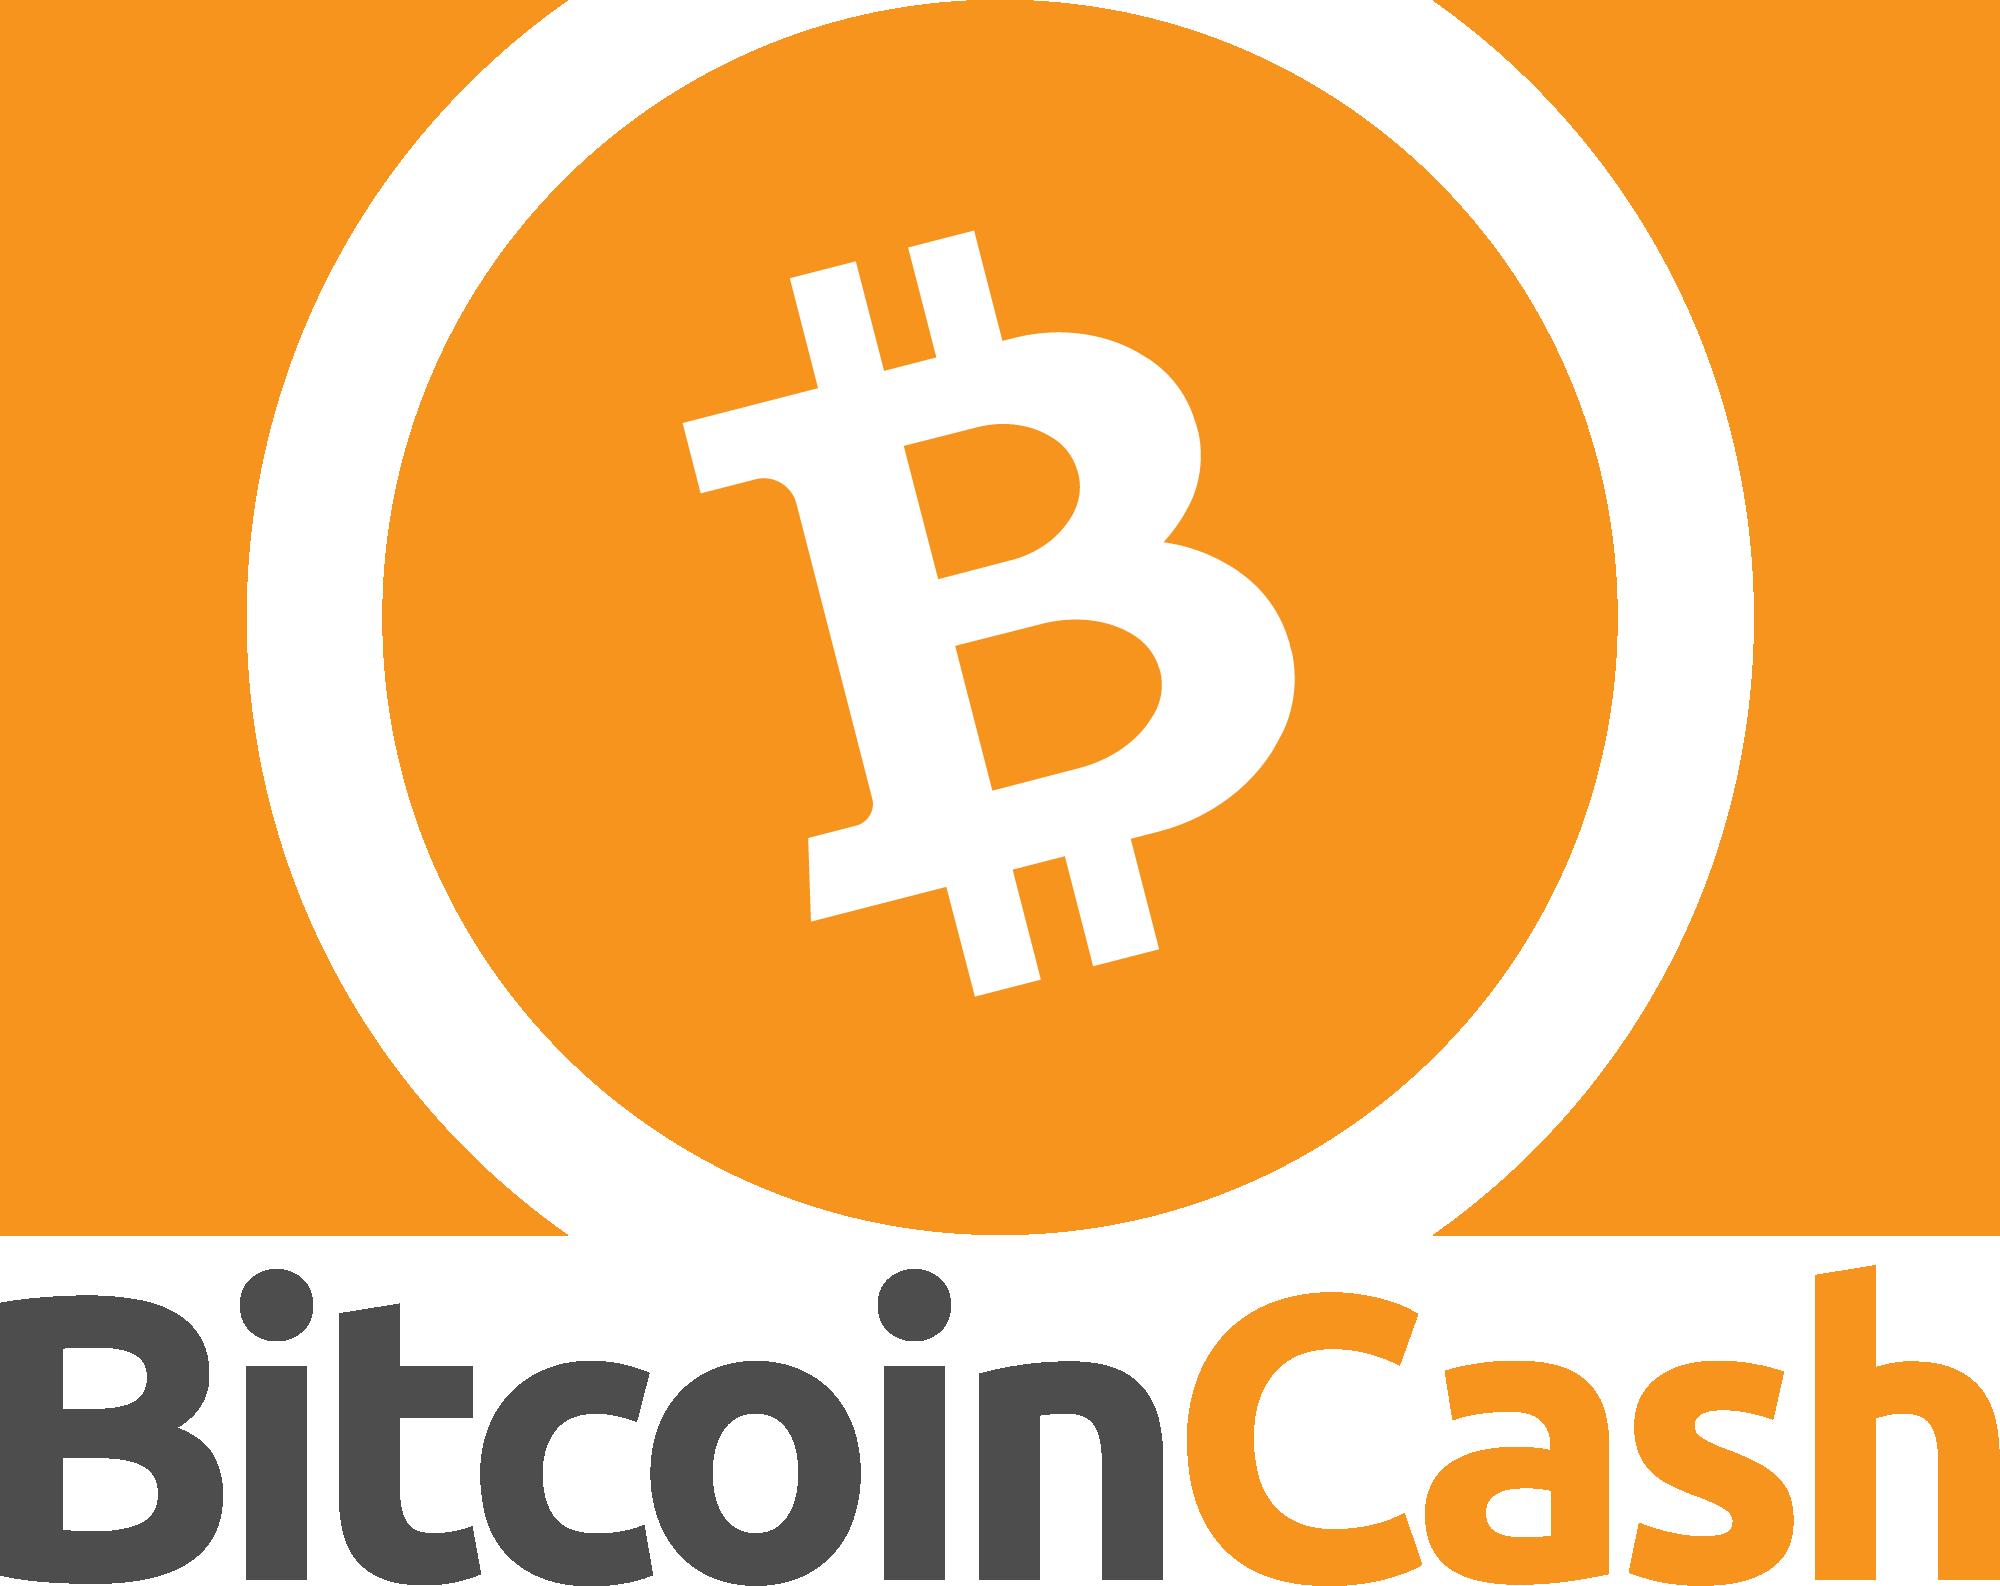 Migliori Wallet per BitCoin Cash